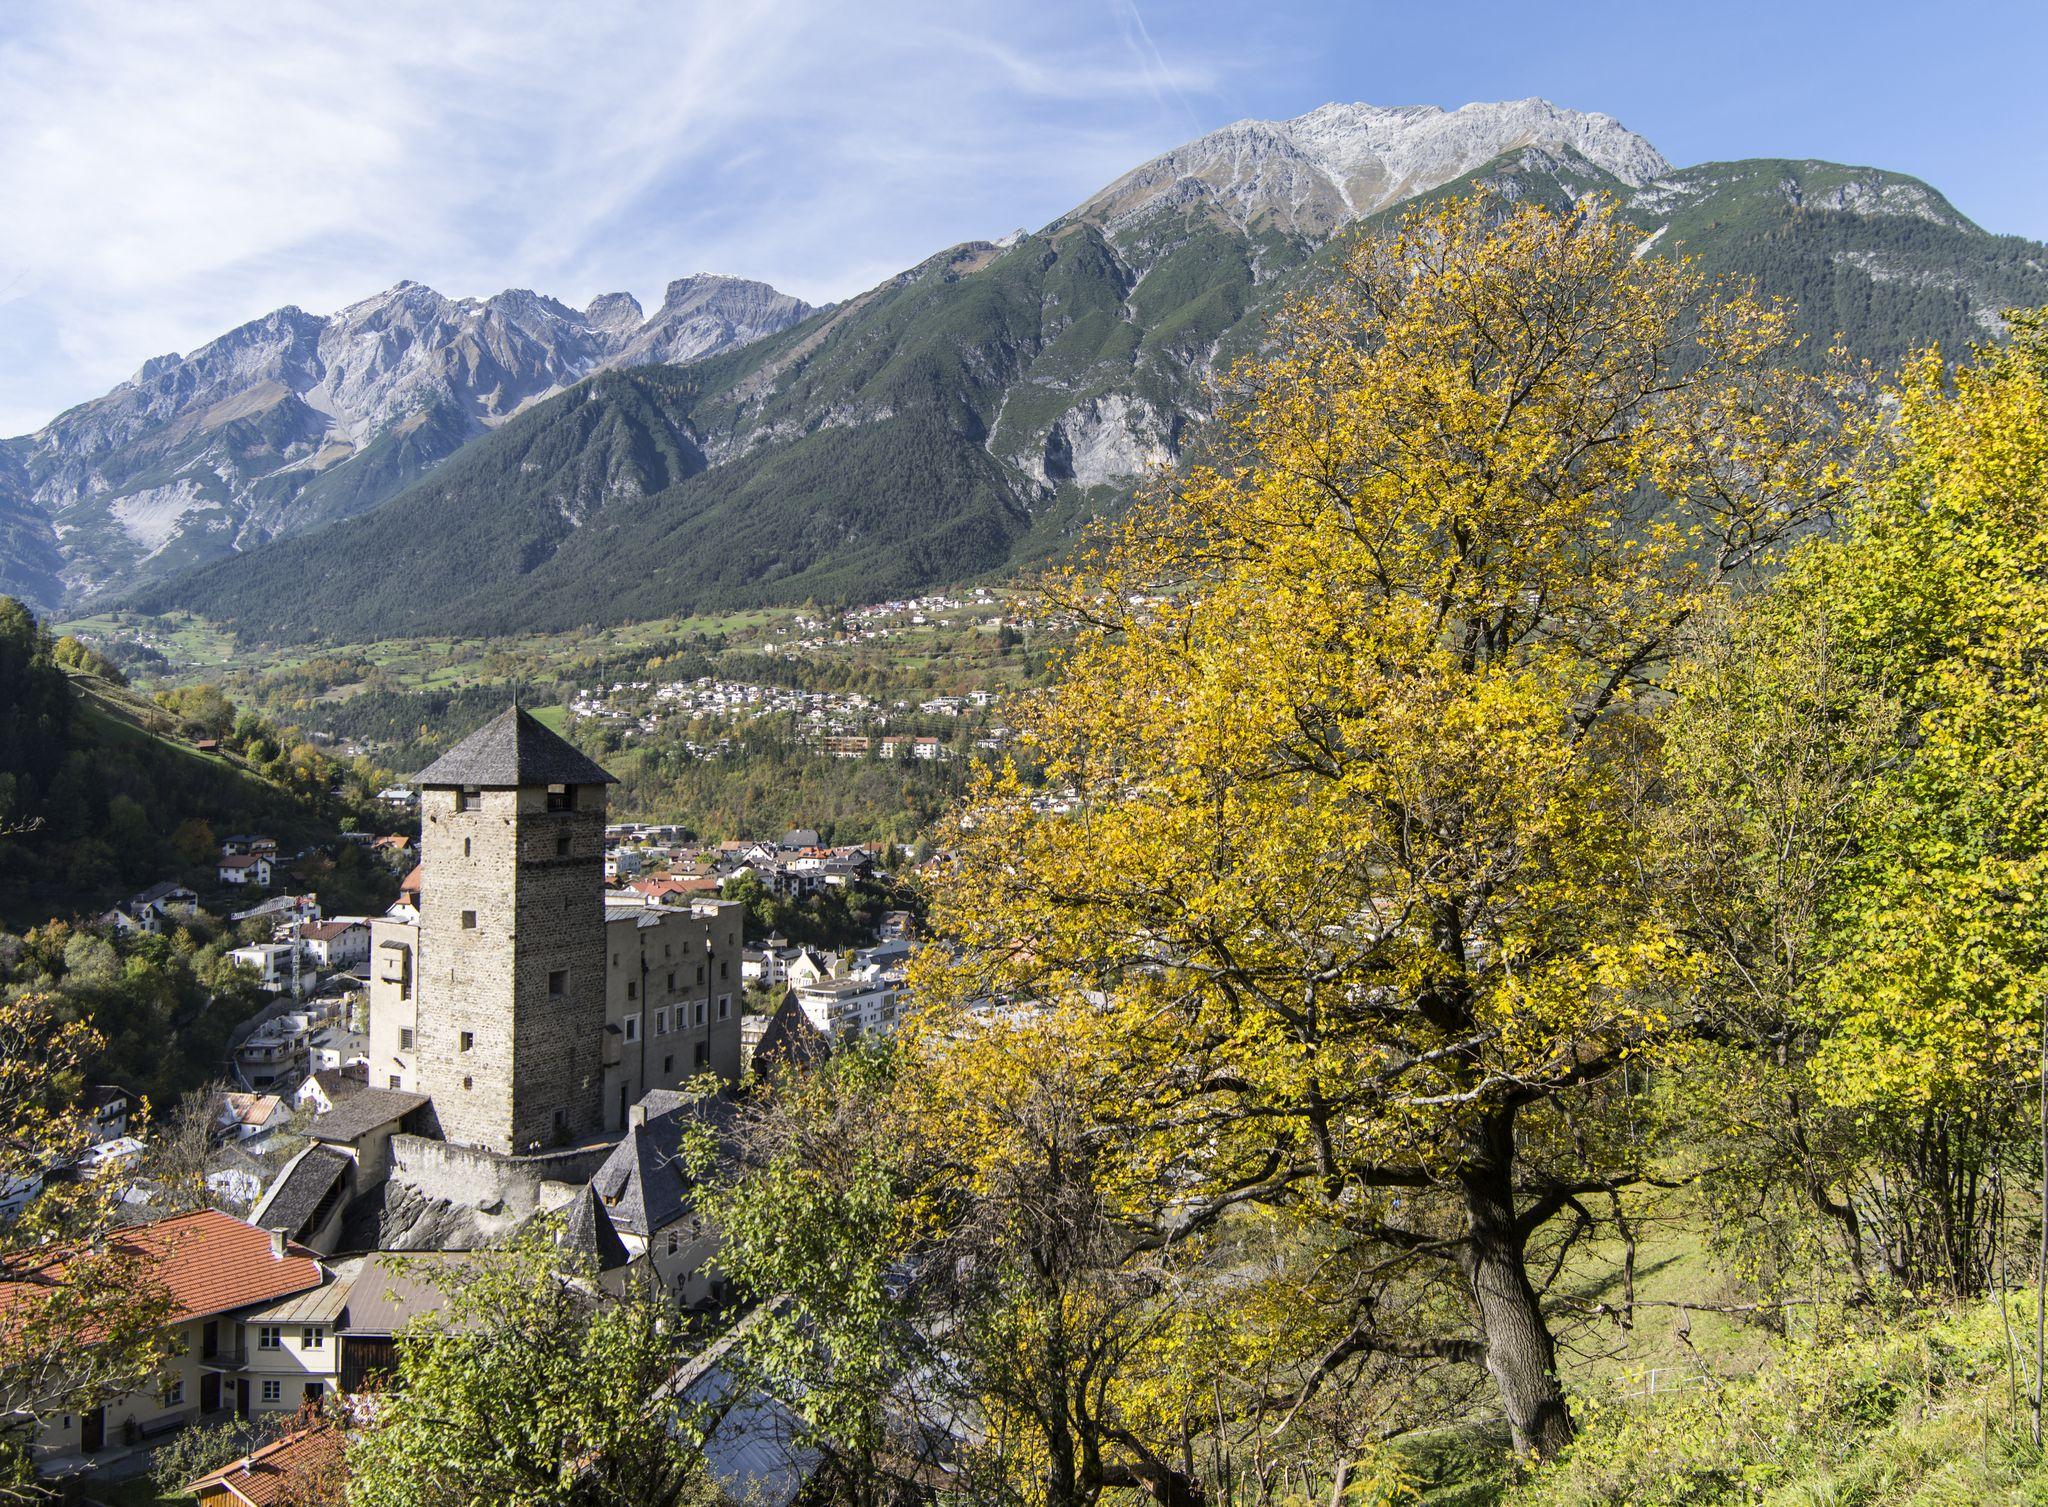 Schloss_Landeck-1.jpg